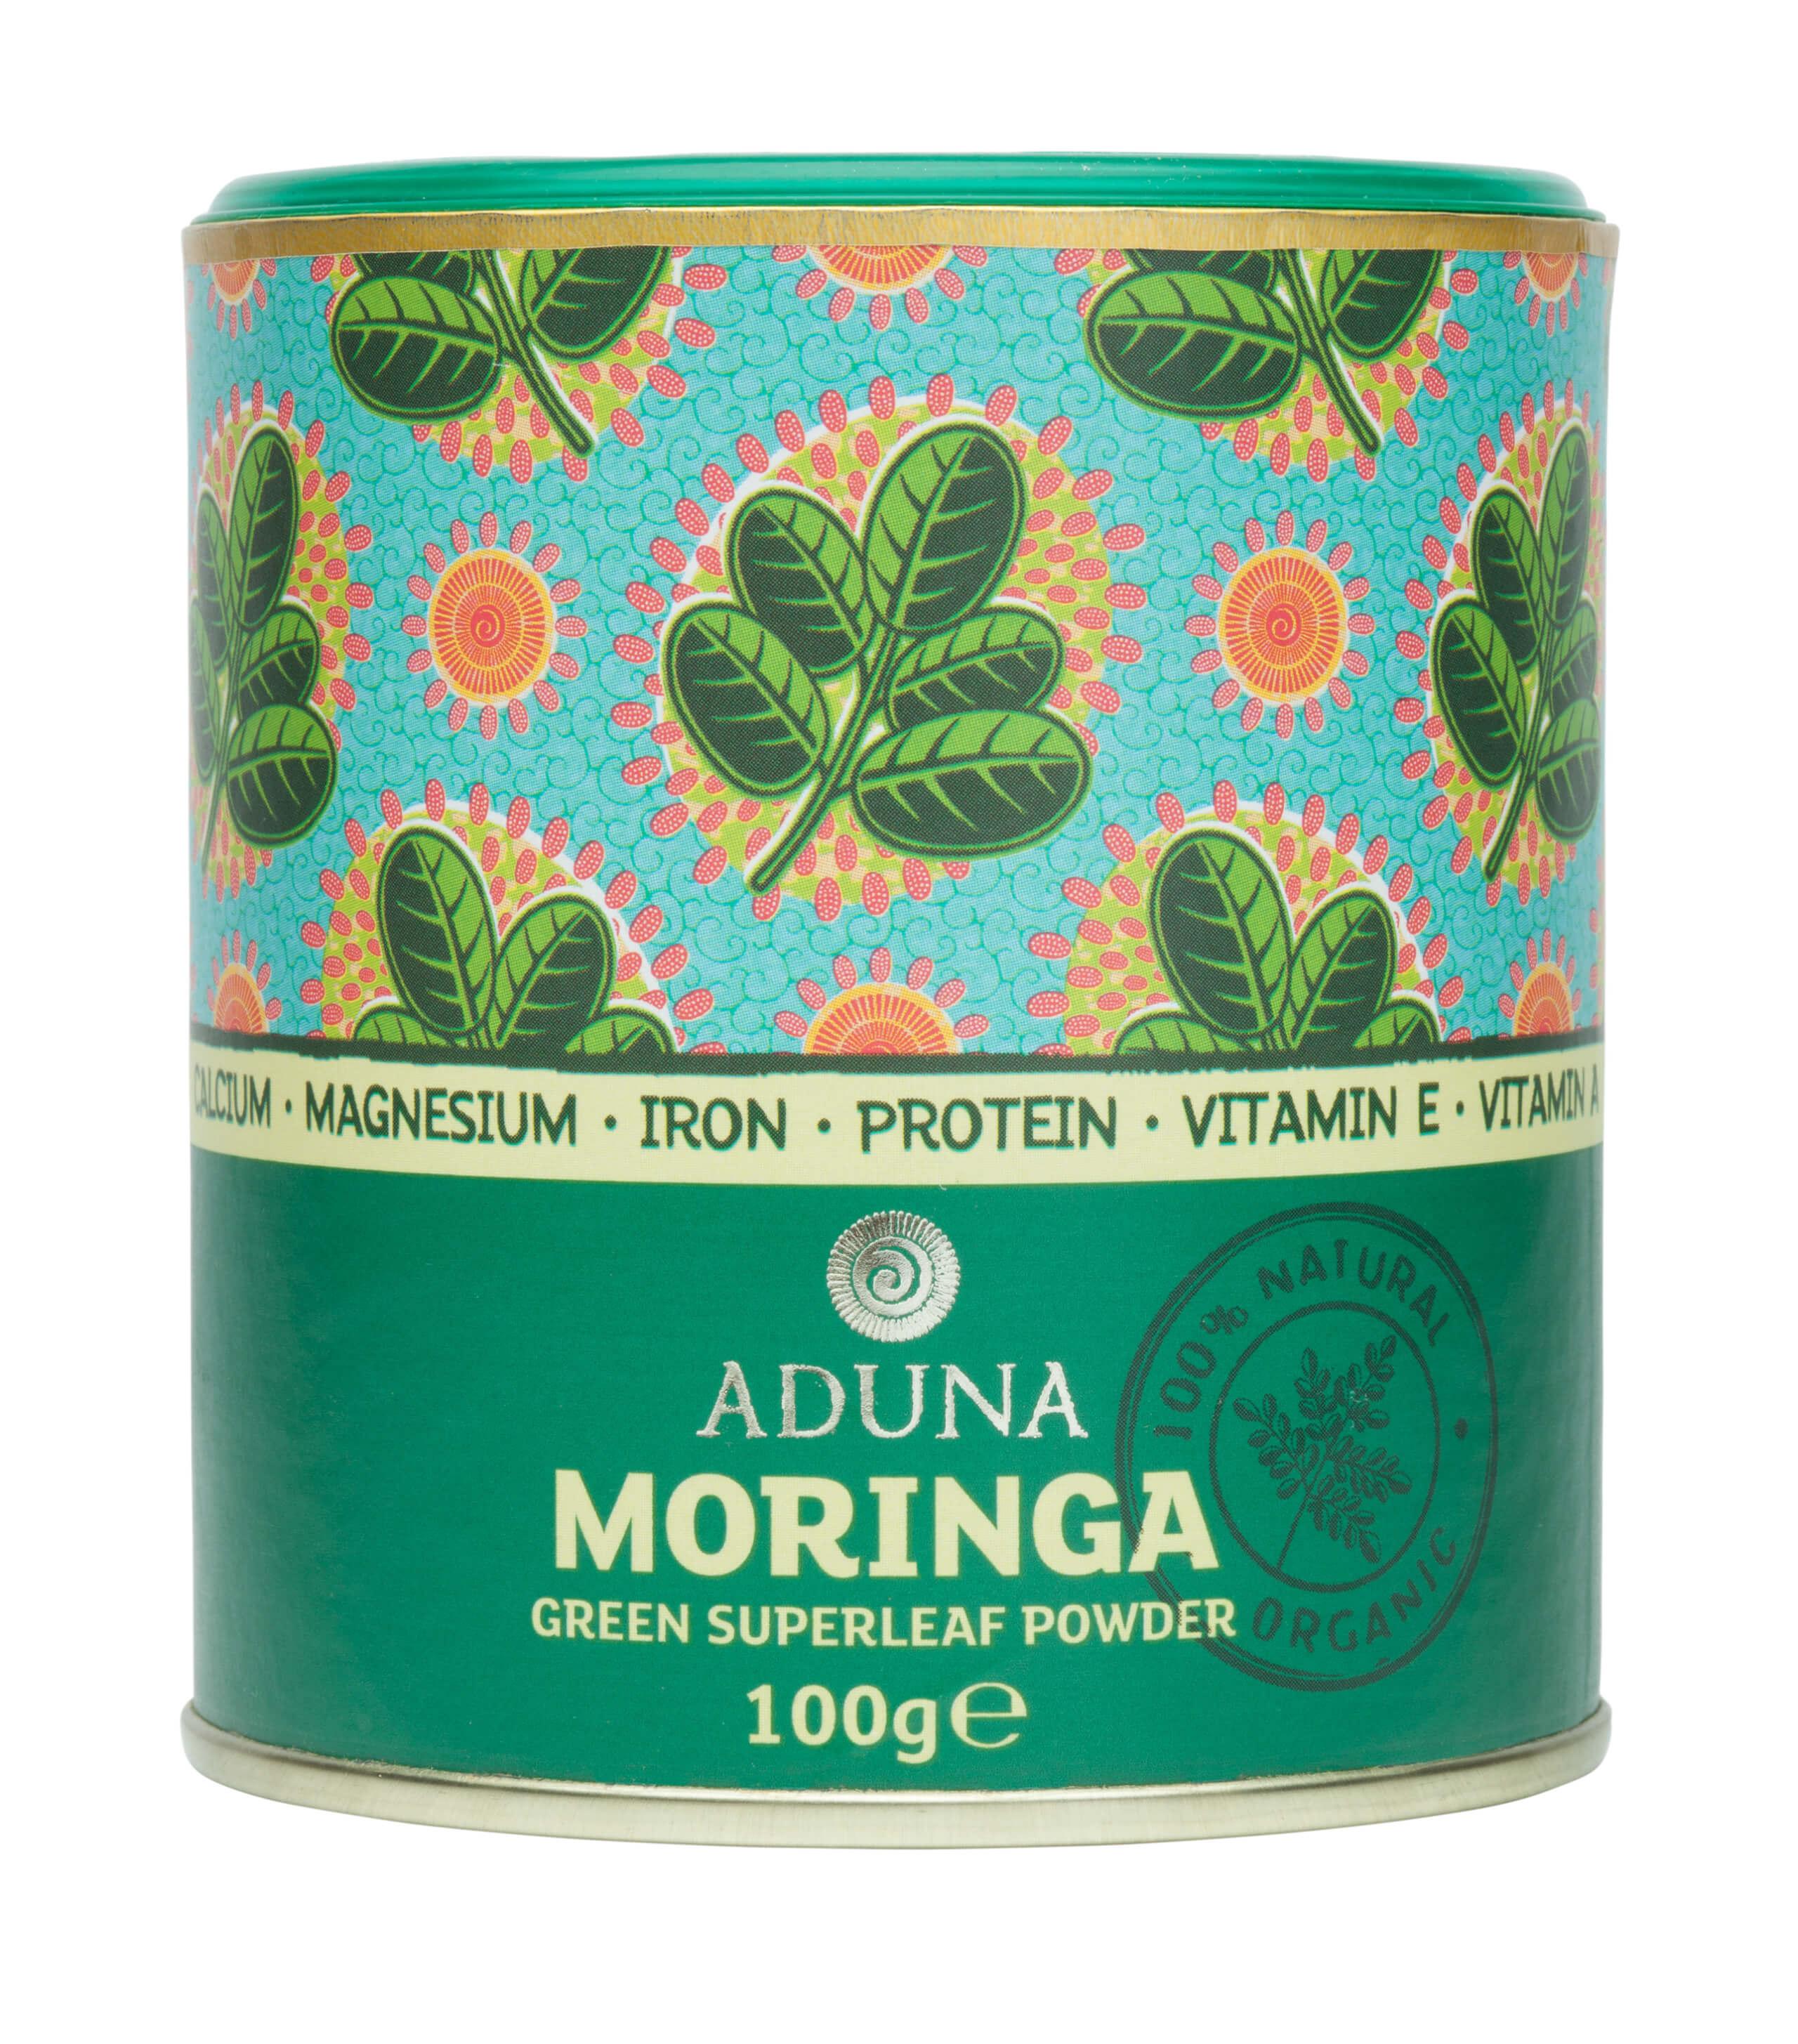 Aduna Moringa 100g